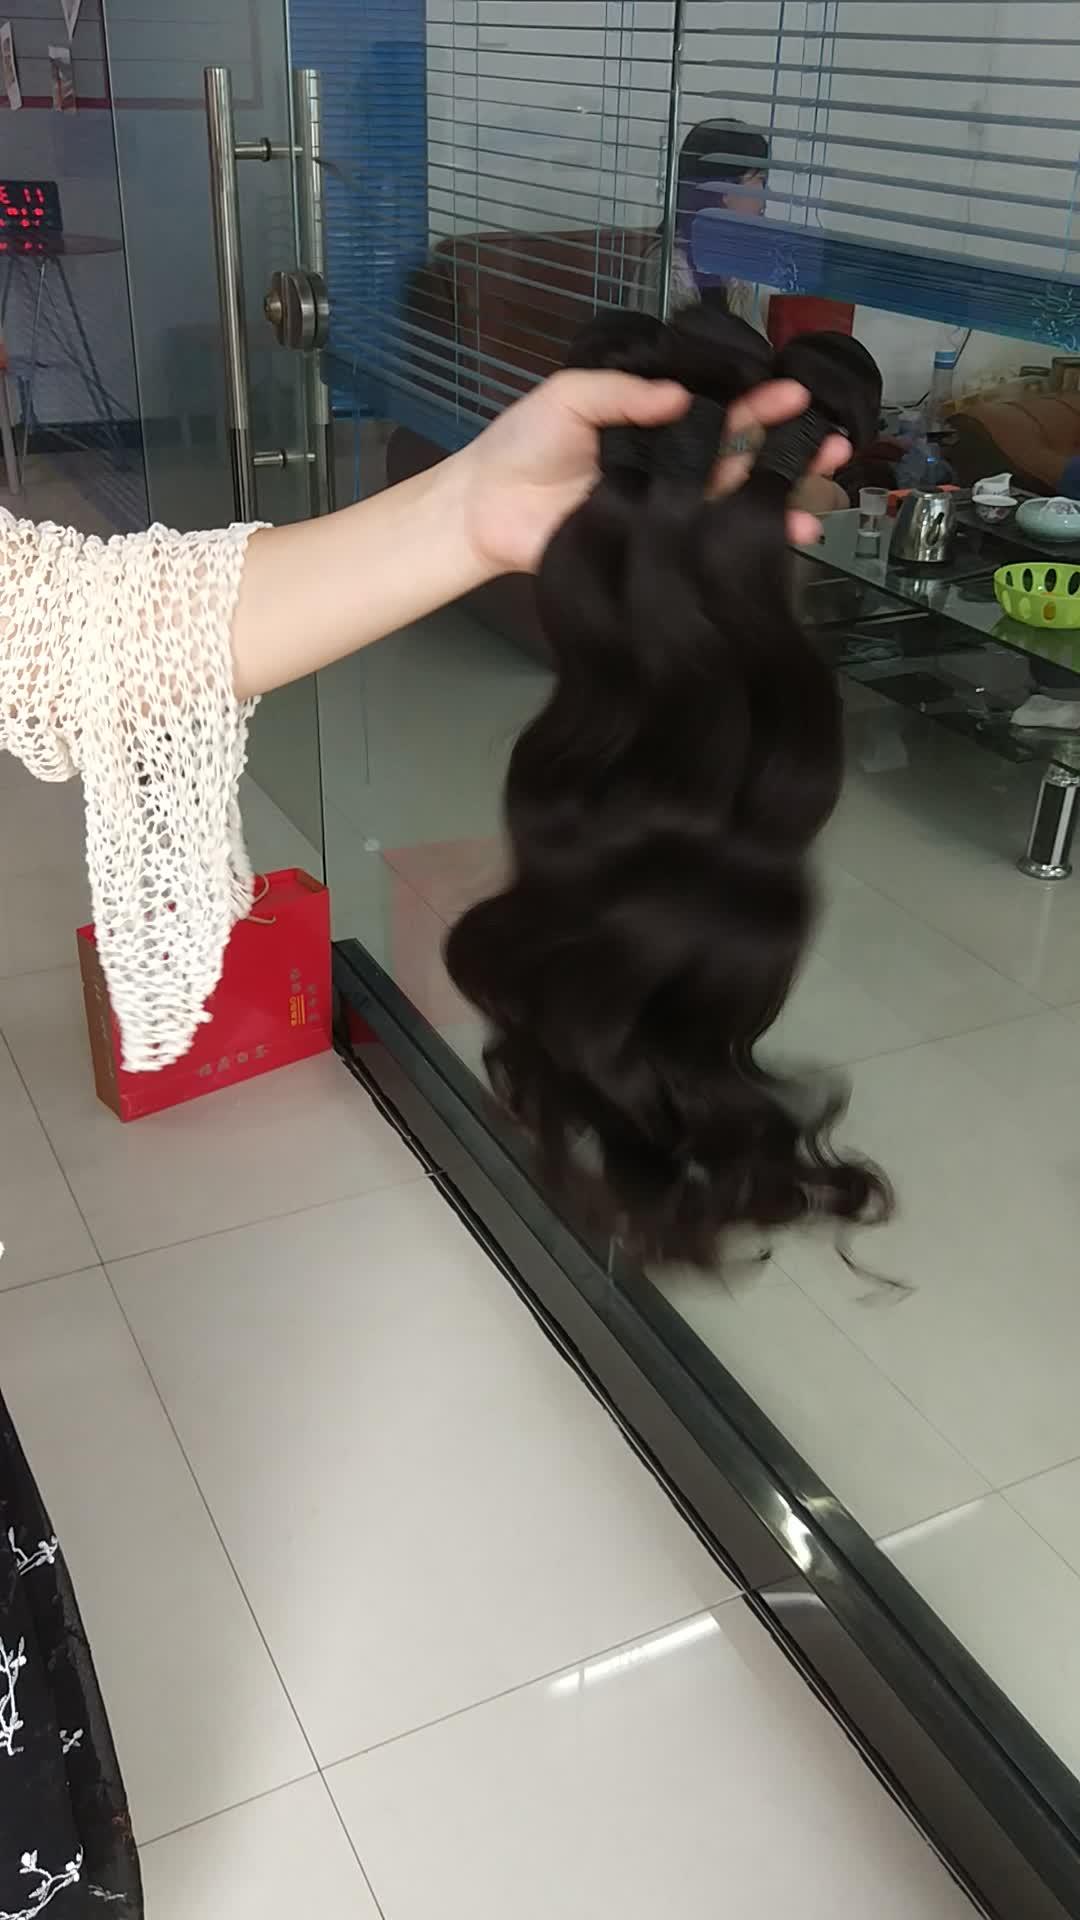 TD-Haar dezelfde dag verzending raw virgin braziliaanse Human Hair bundels cuticula align haar met top kwaliteit voor groothandel